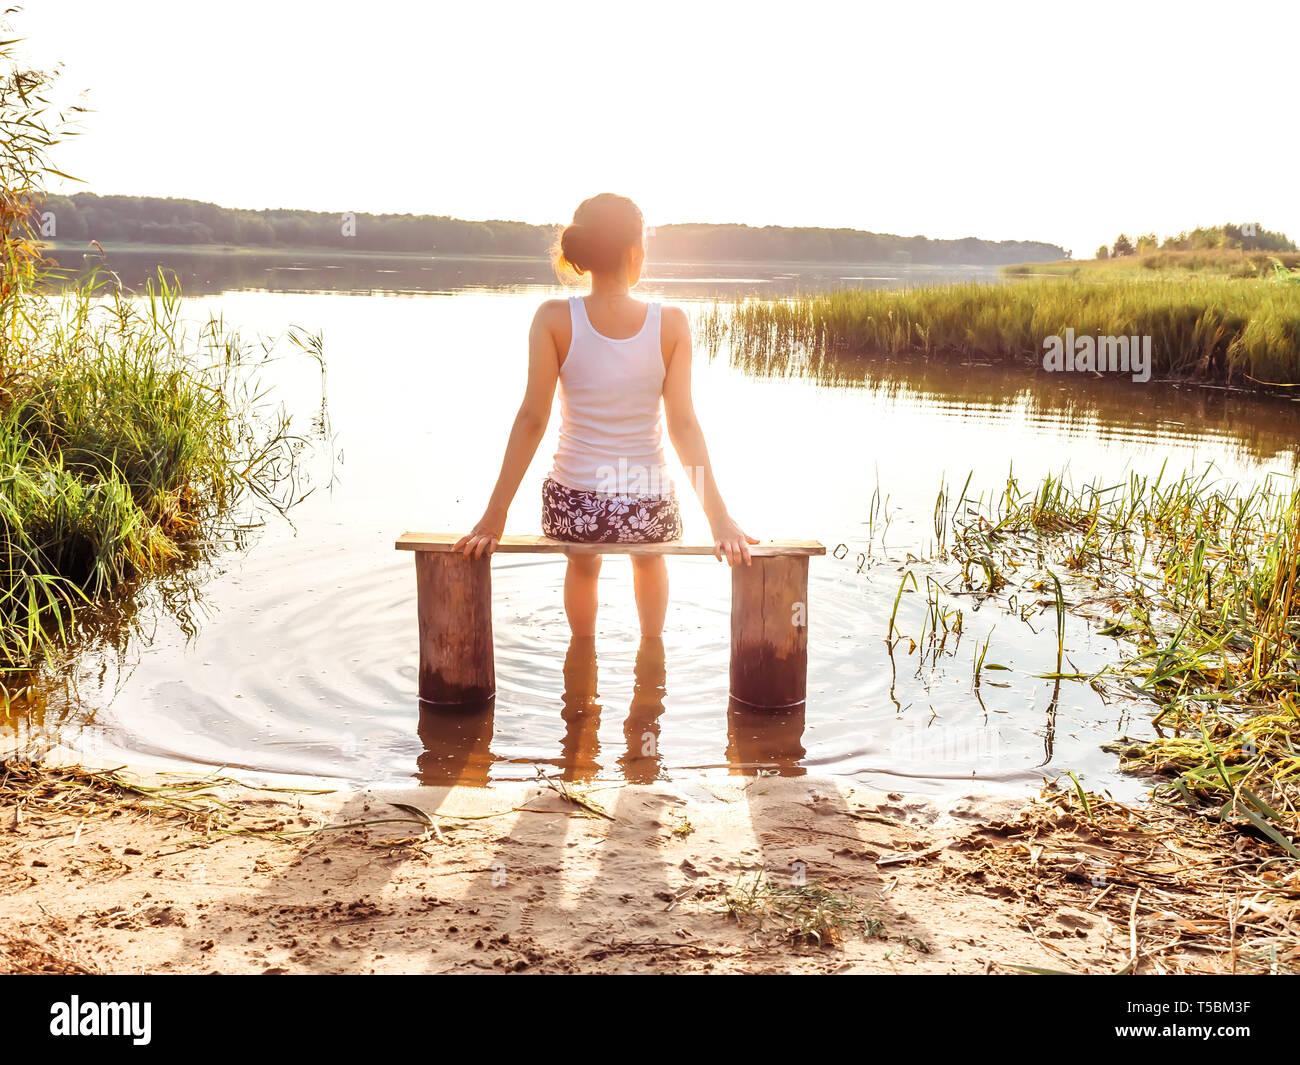 b18f8b455 La niña disfruta de un hermoso atardecer sentado en un banco en el río.  Chica